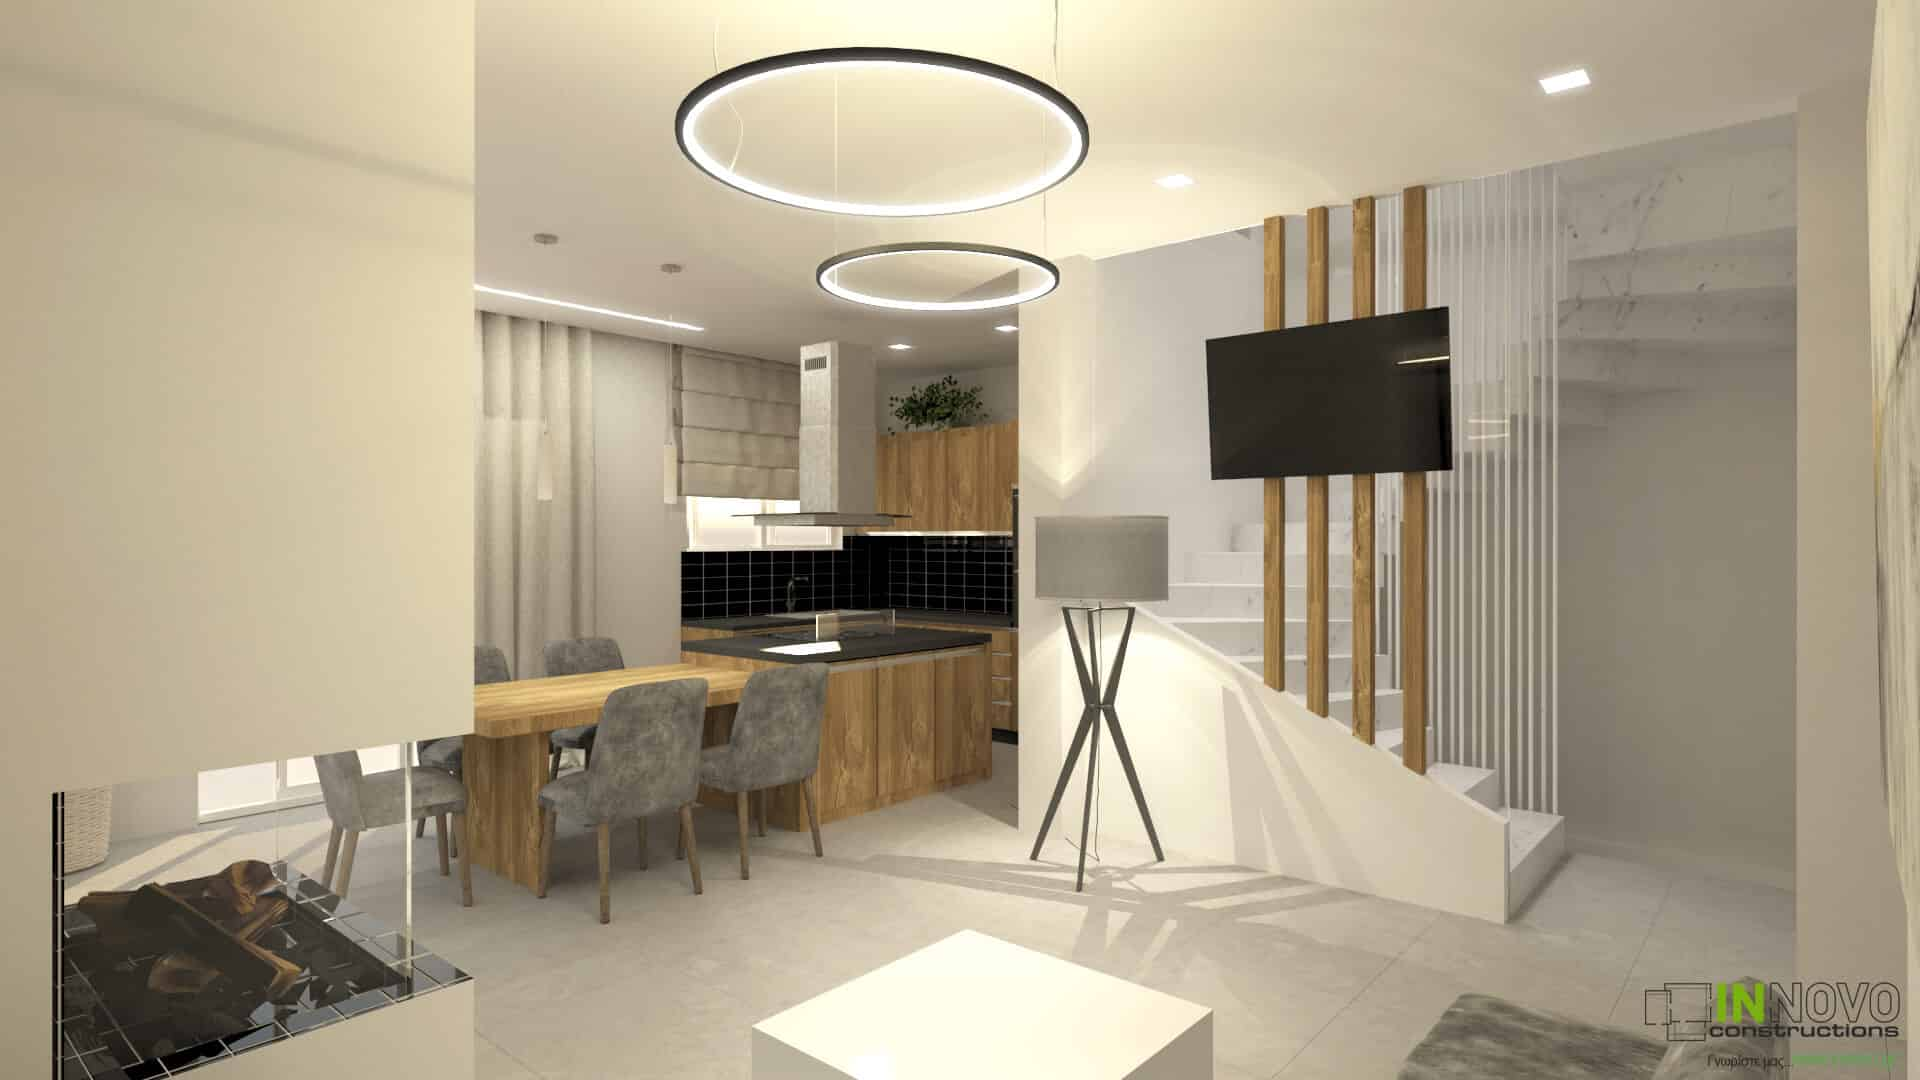 Σχεδιασμός κατασκευής κατοικίας στον Υμηττό